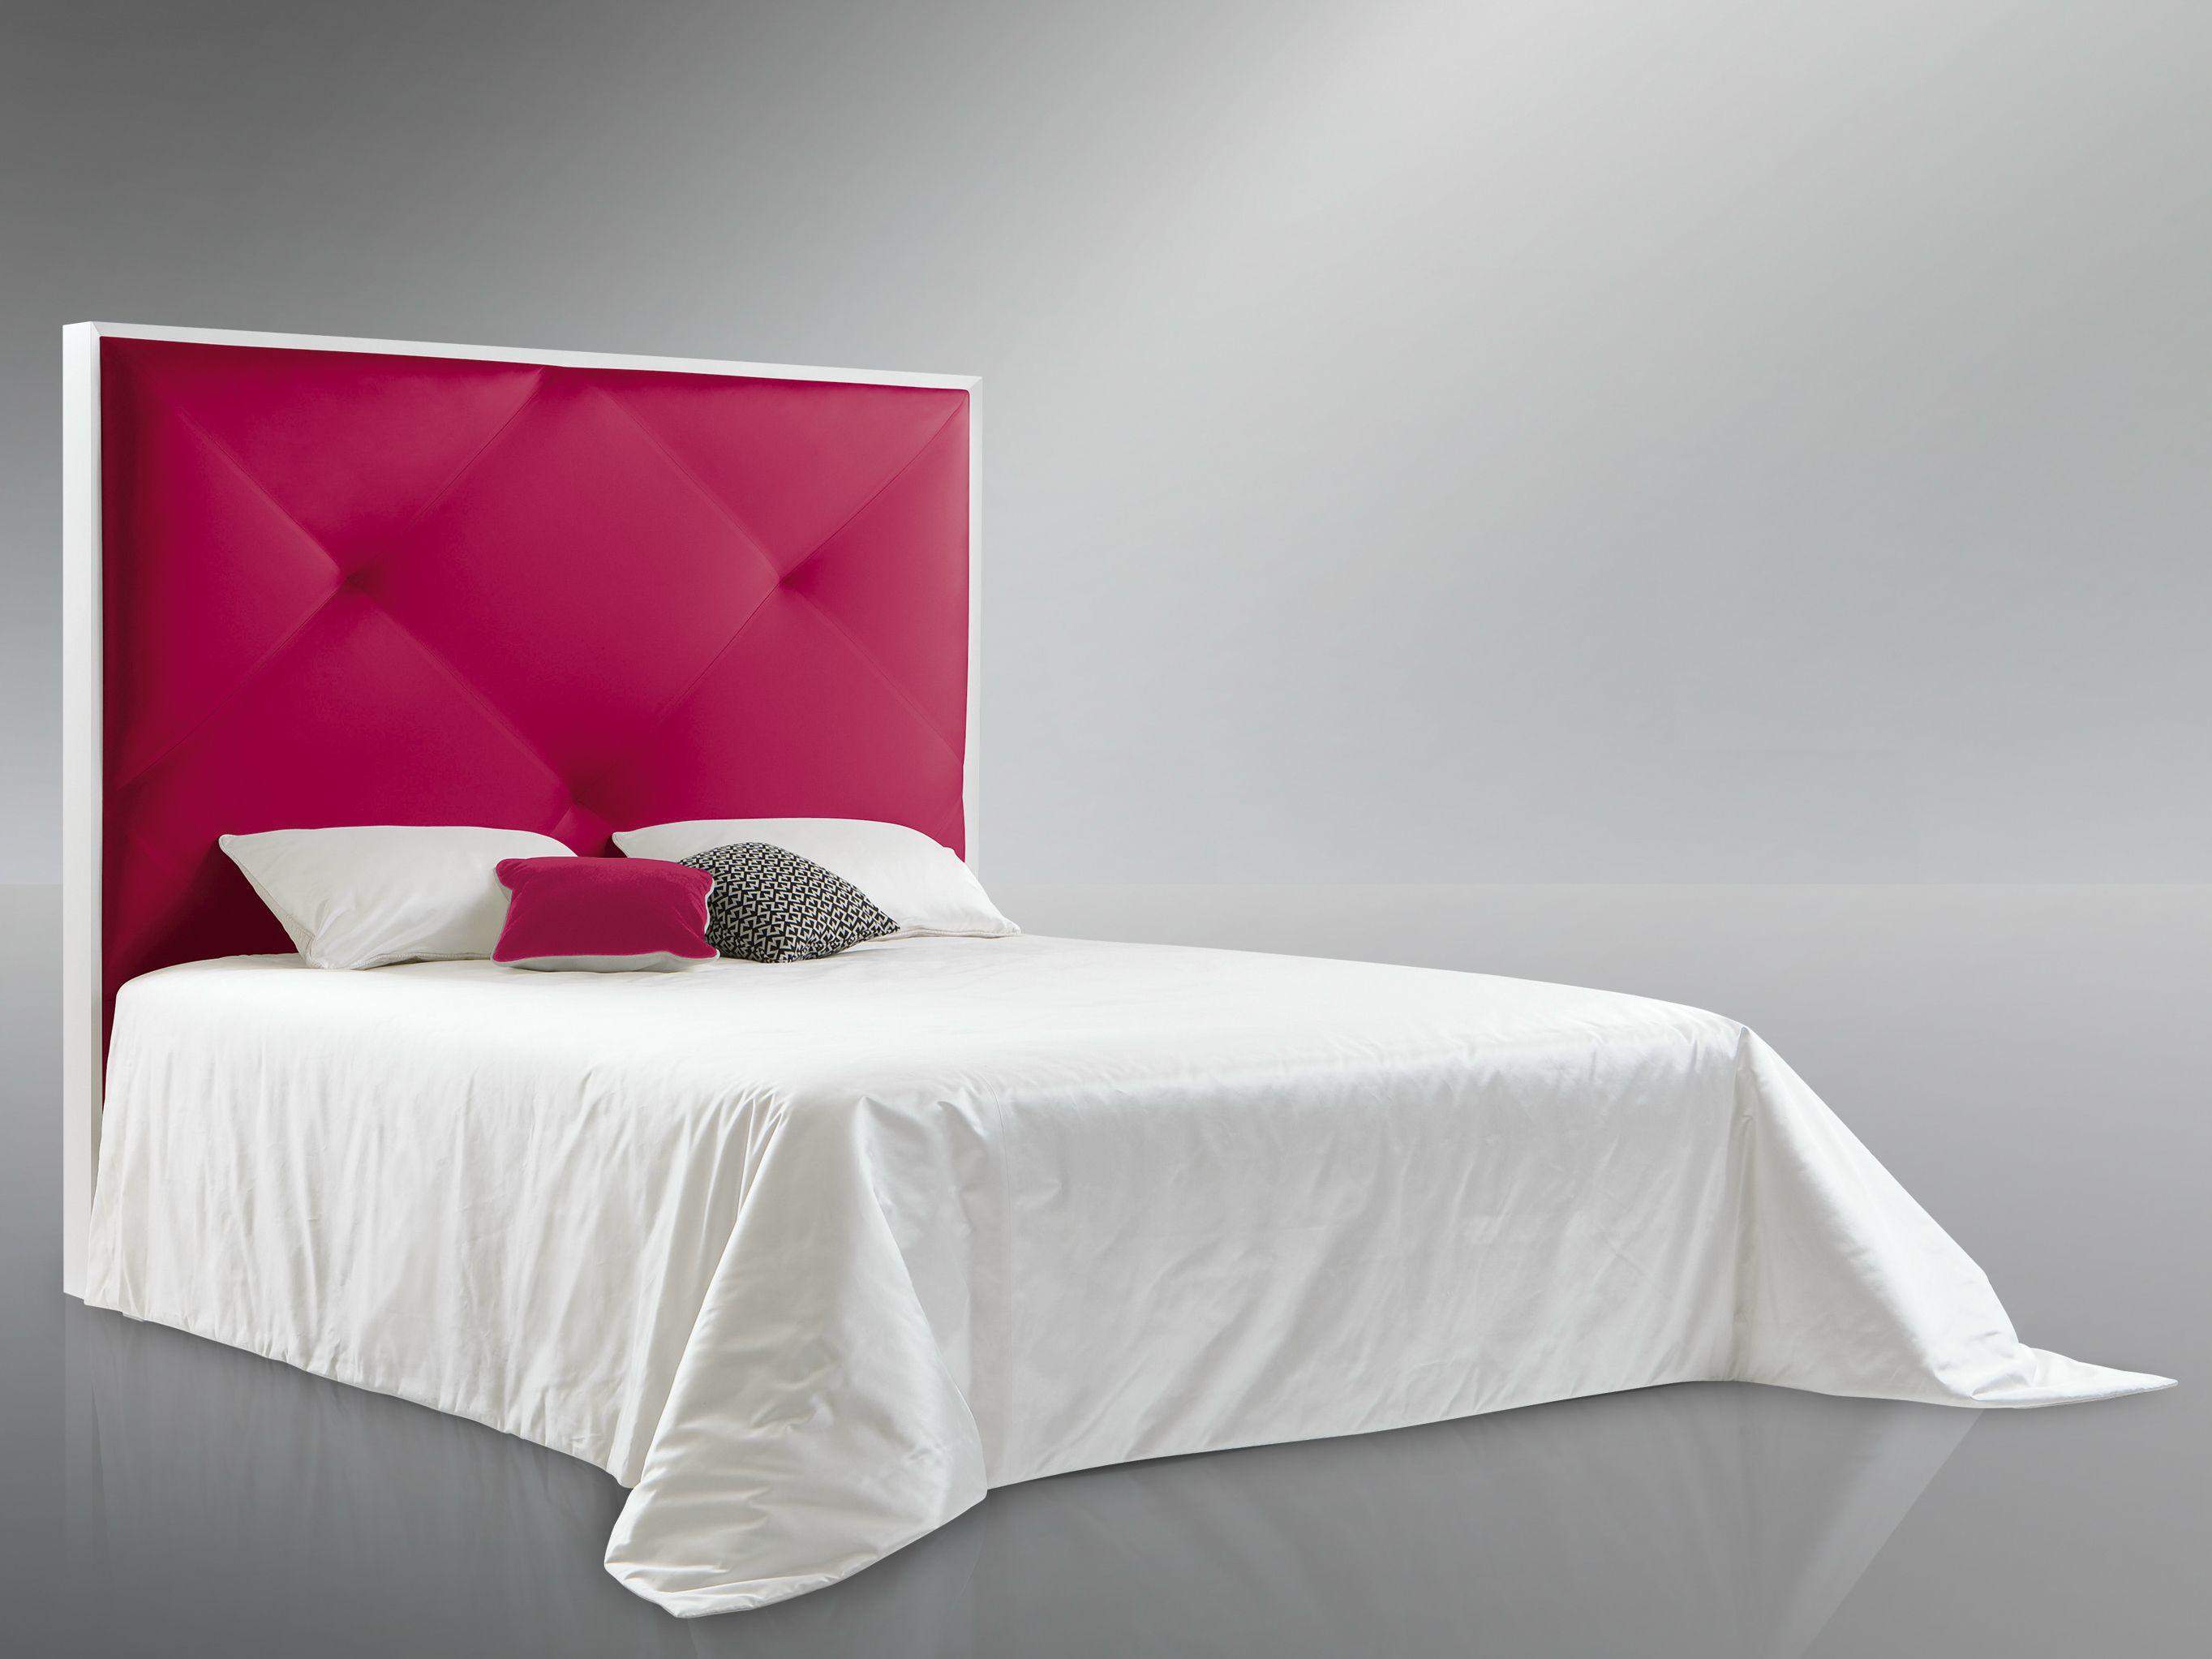 Tête de lit haute pour lit double ADELE by Treca Interiors